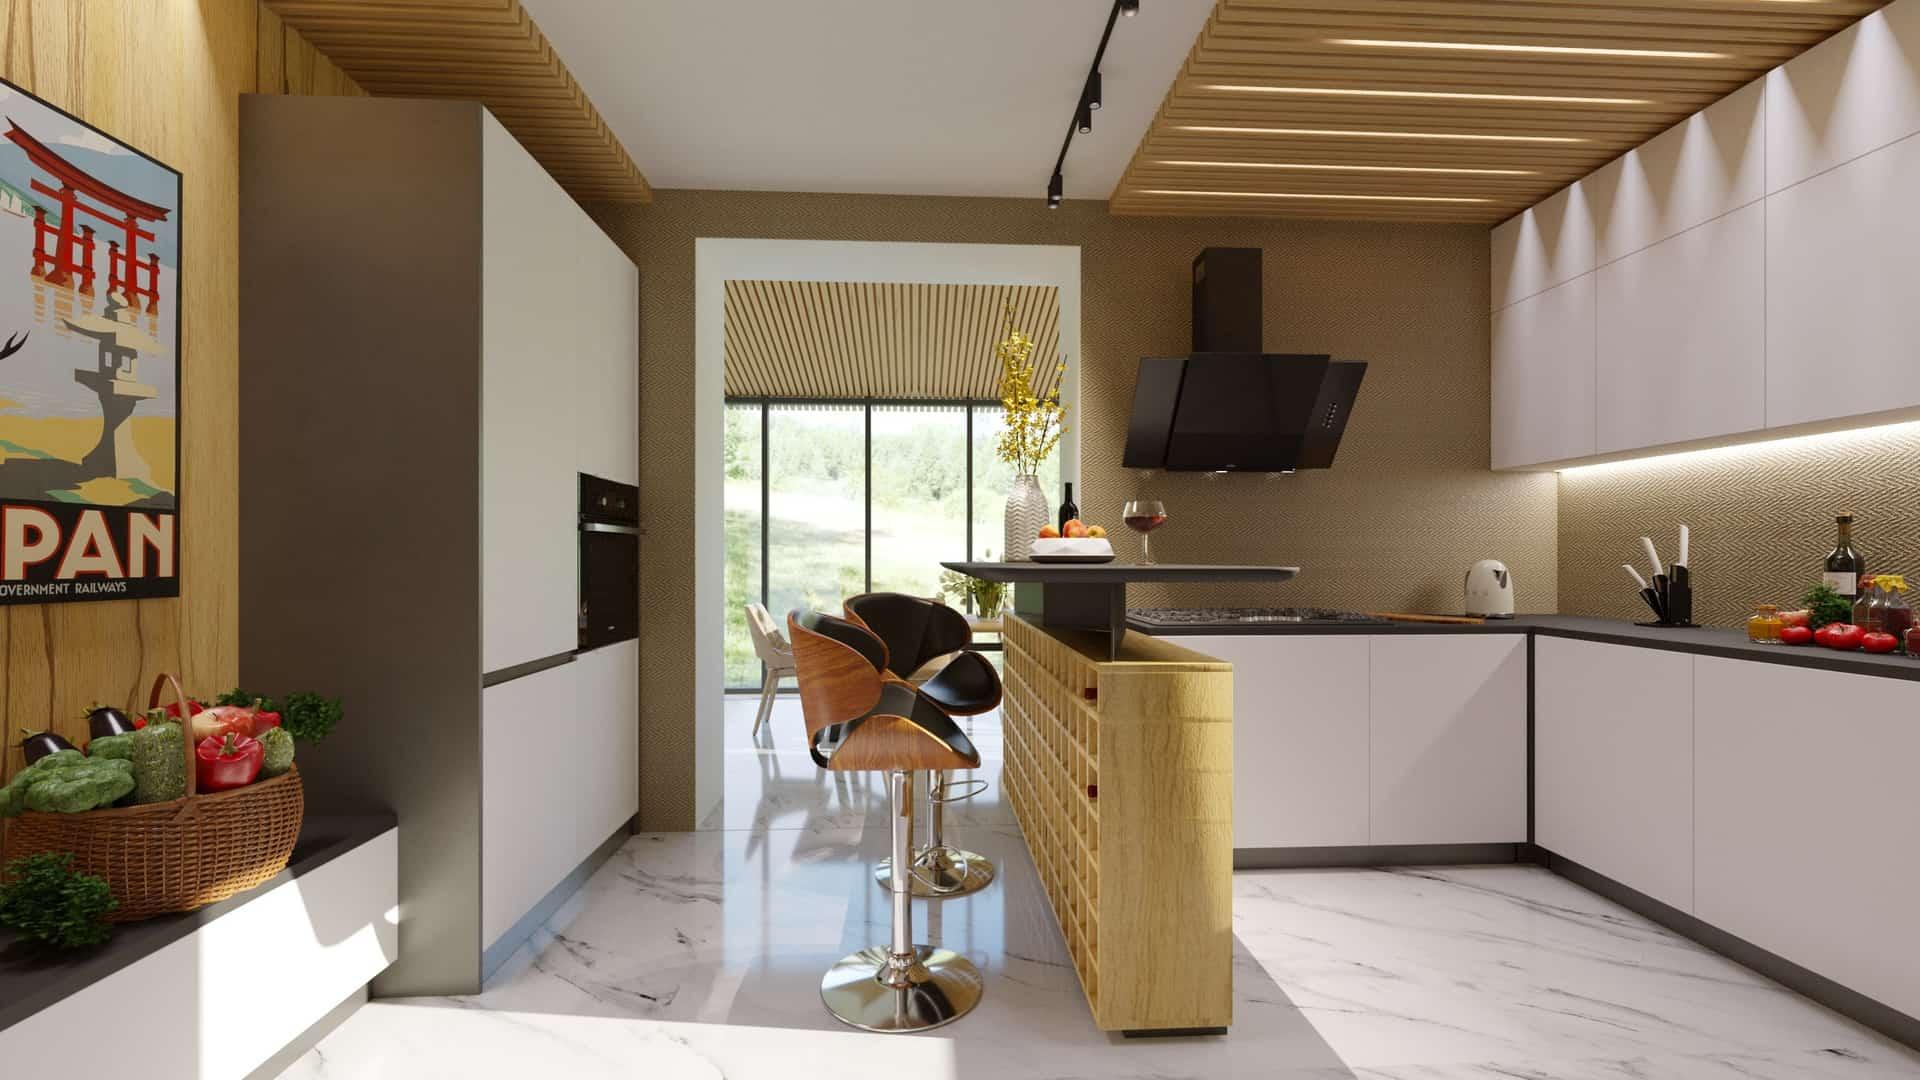 перспективный вид кухни столовой